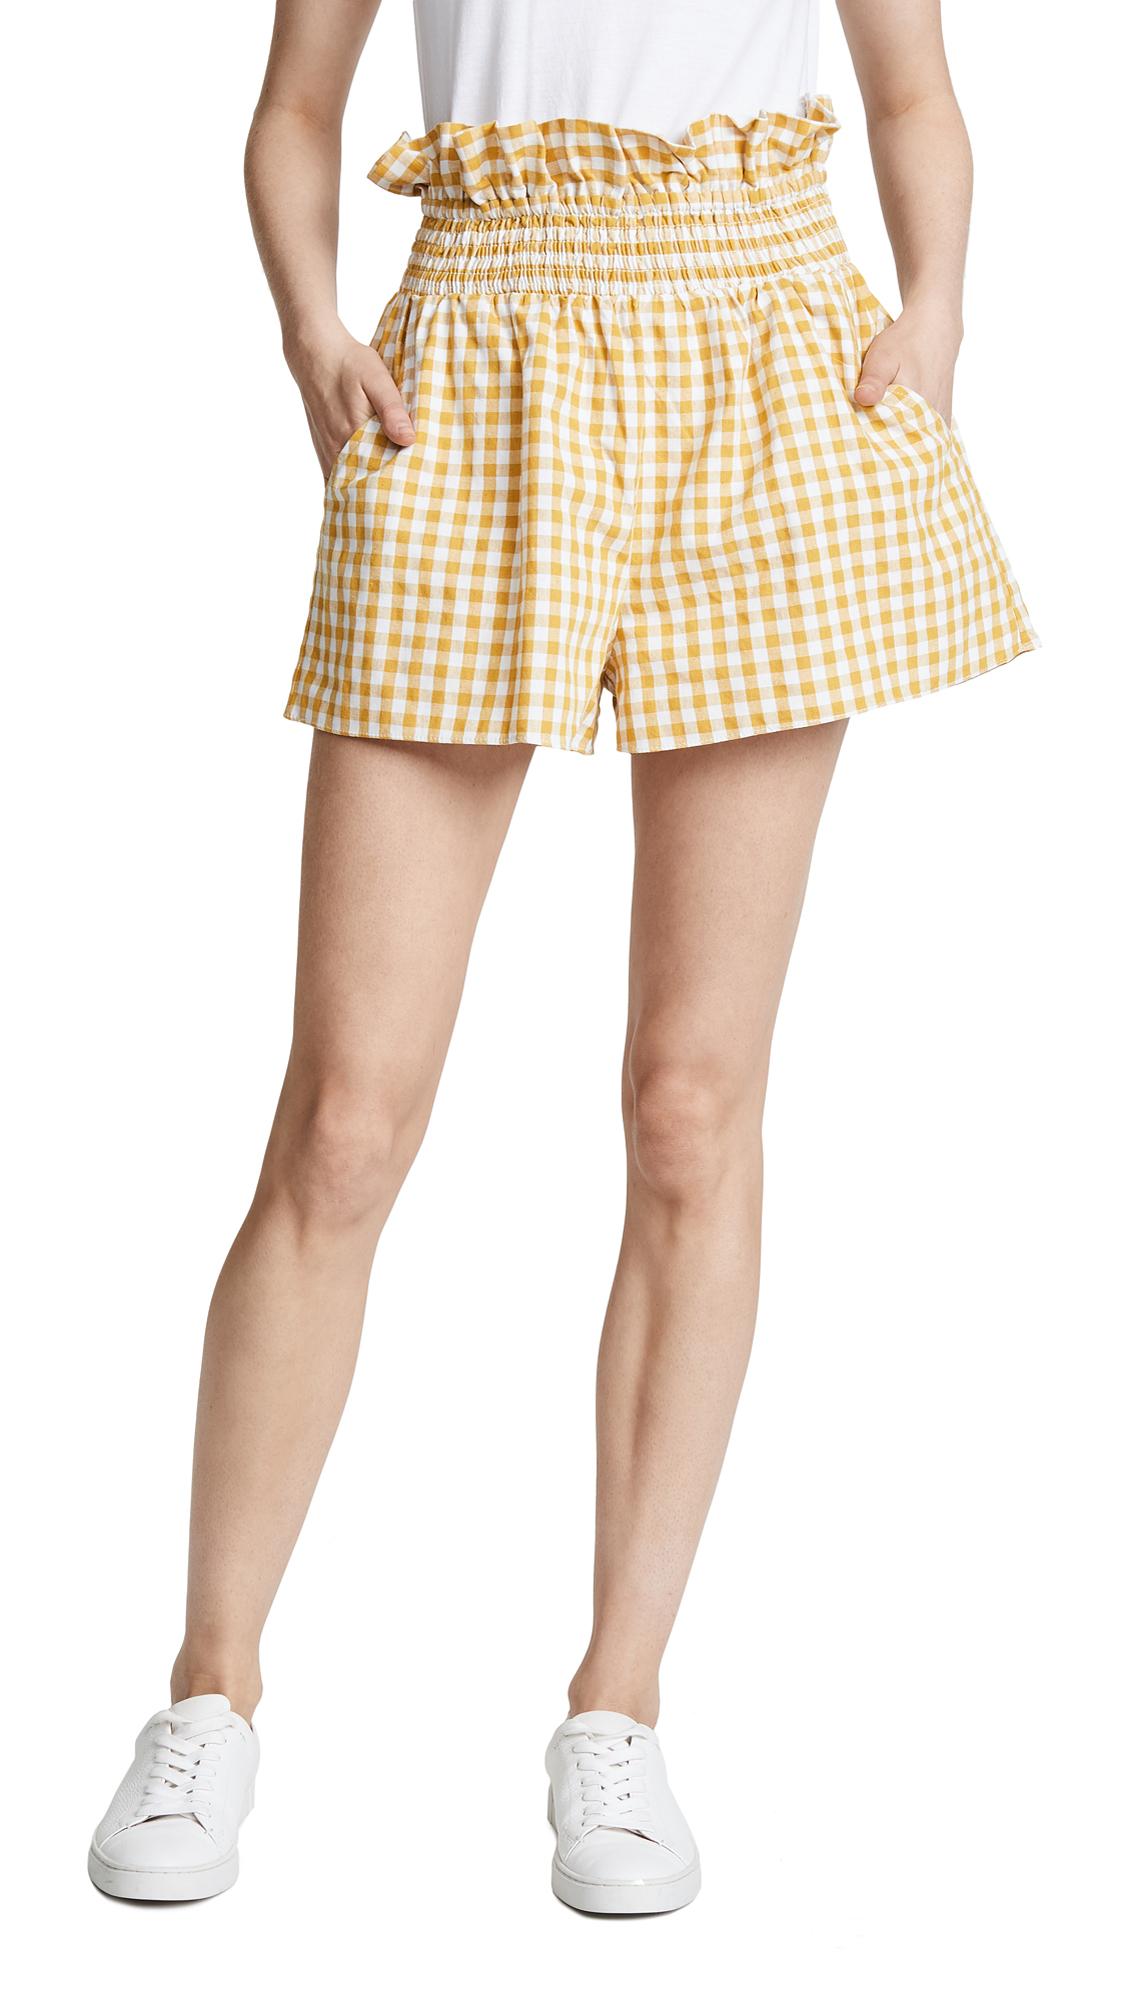 ENGLISH FACTORY Ruffled Gingham Shorts - Lemon